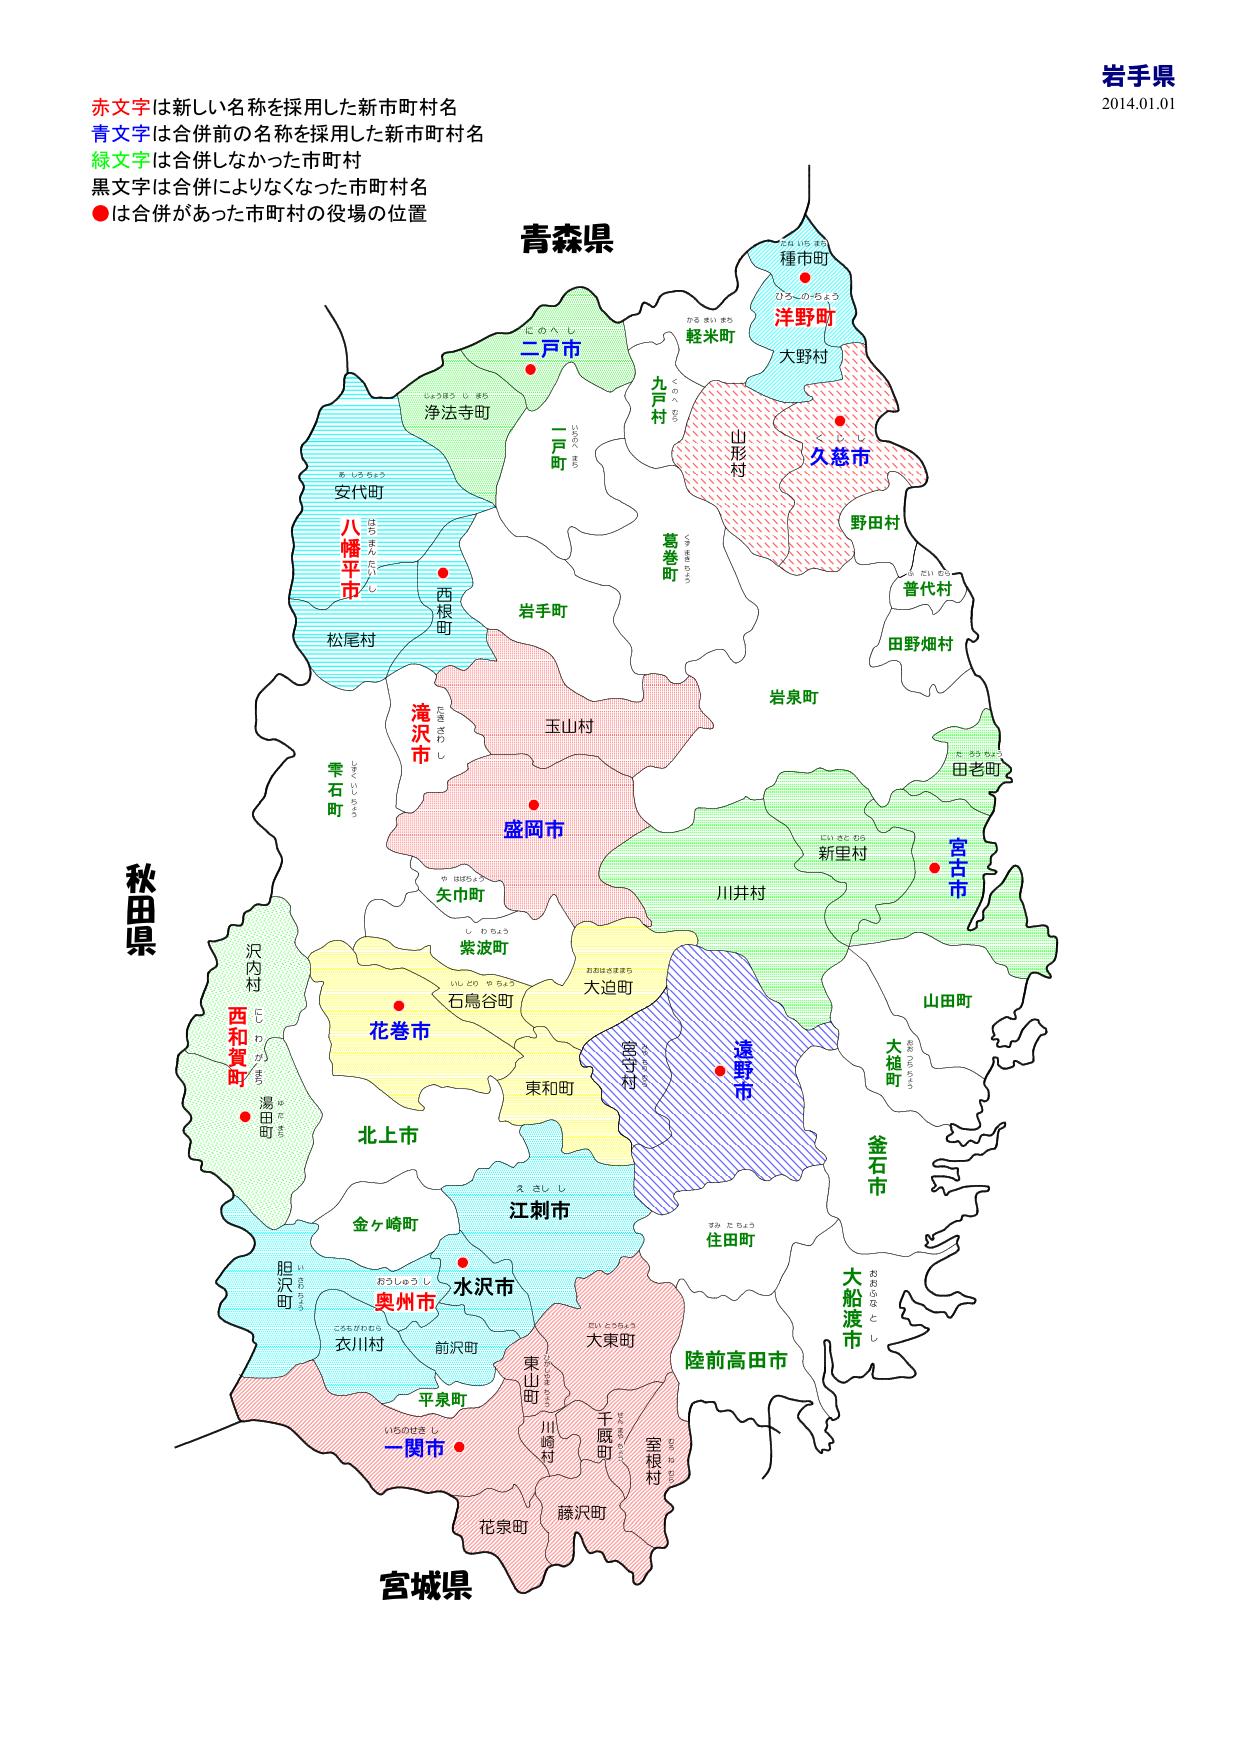 岩手 県 河川 情報 システム